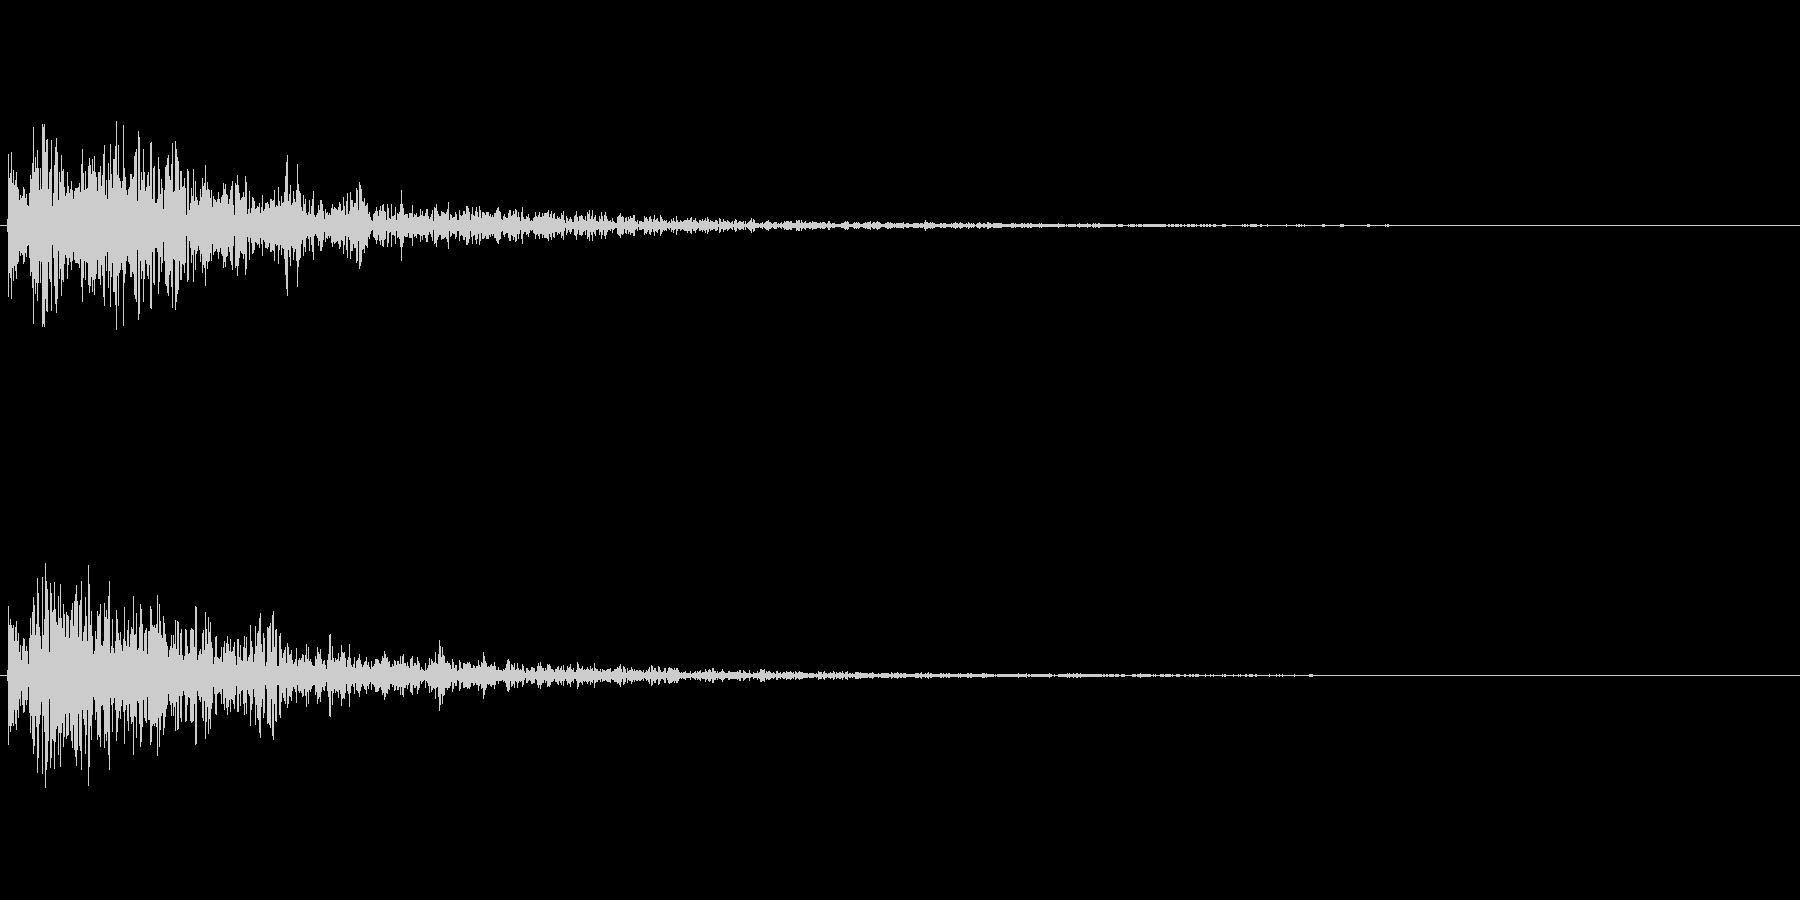 ドーン!(アニメなどの決めの音/衝撃音)の未再生の波形